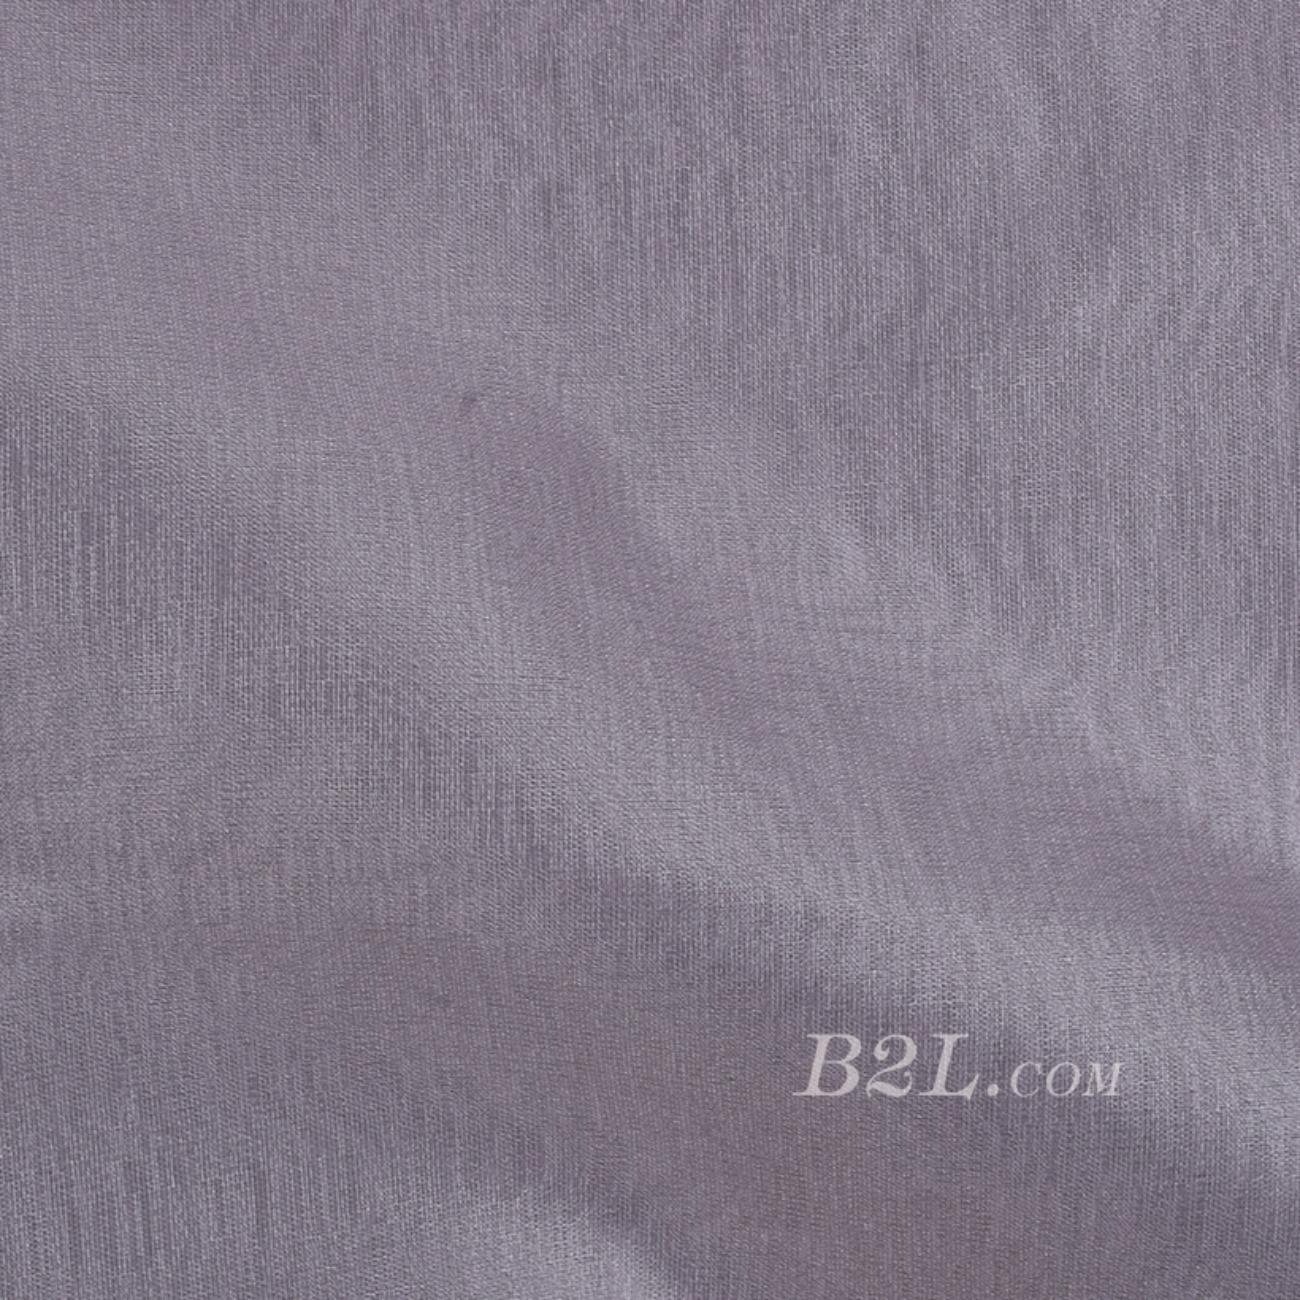 素色 梭织 低弹 薄 柔软 树皮皱 春夏 连衣裙 T恤 女装 外套 短裙 81118-38